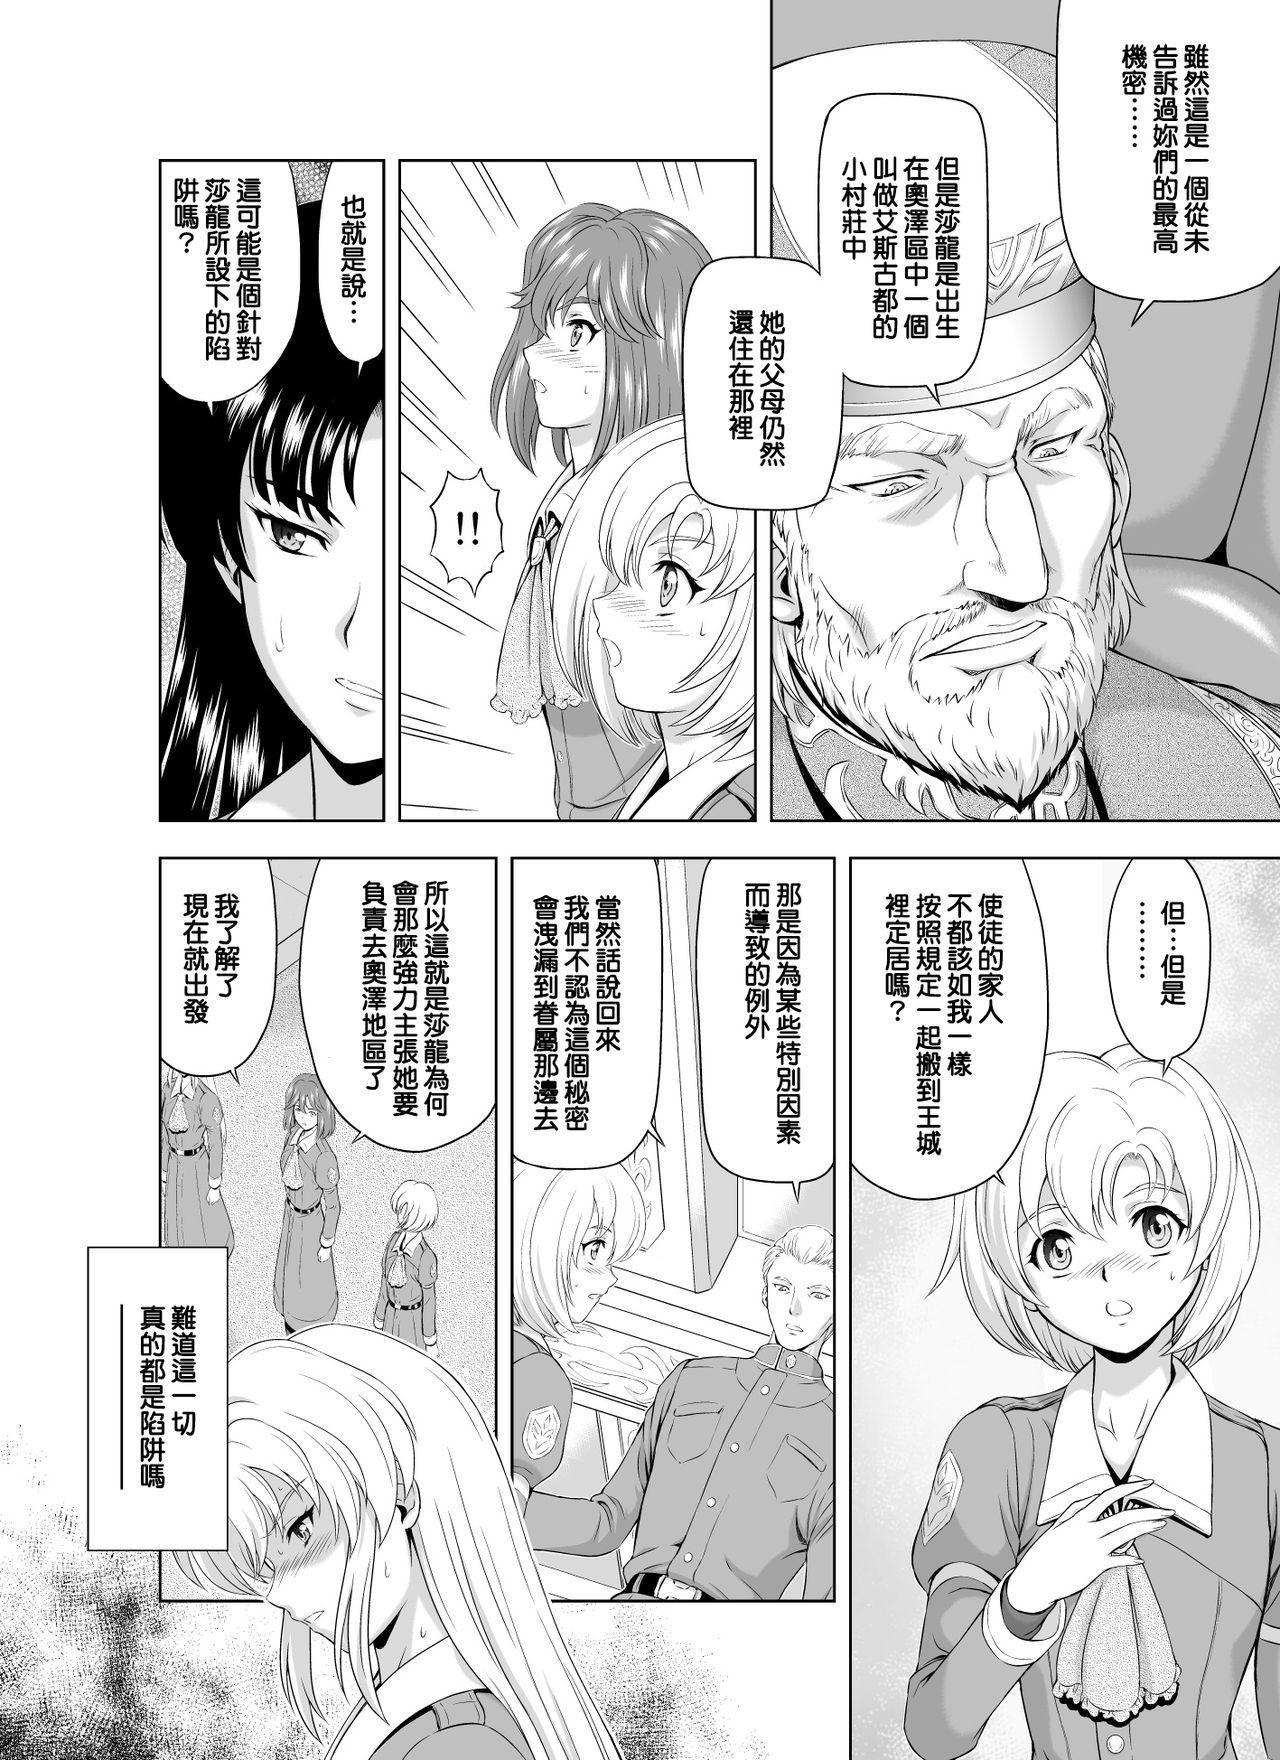 Reties no Michibiki Vol. 2 | 蕾蒂絲的引導 Vol. 2 10